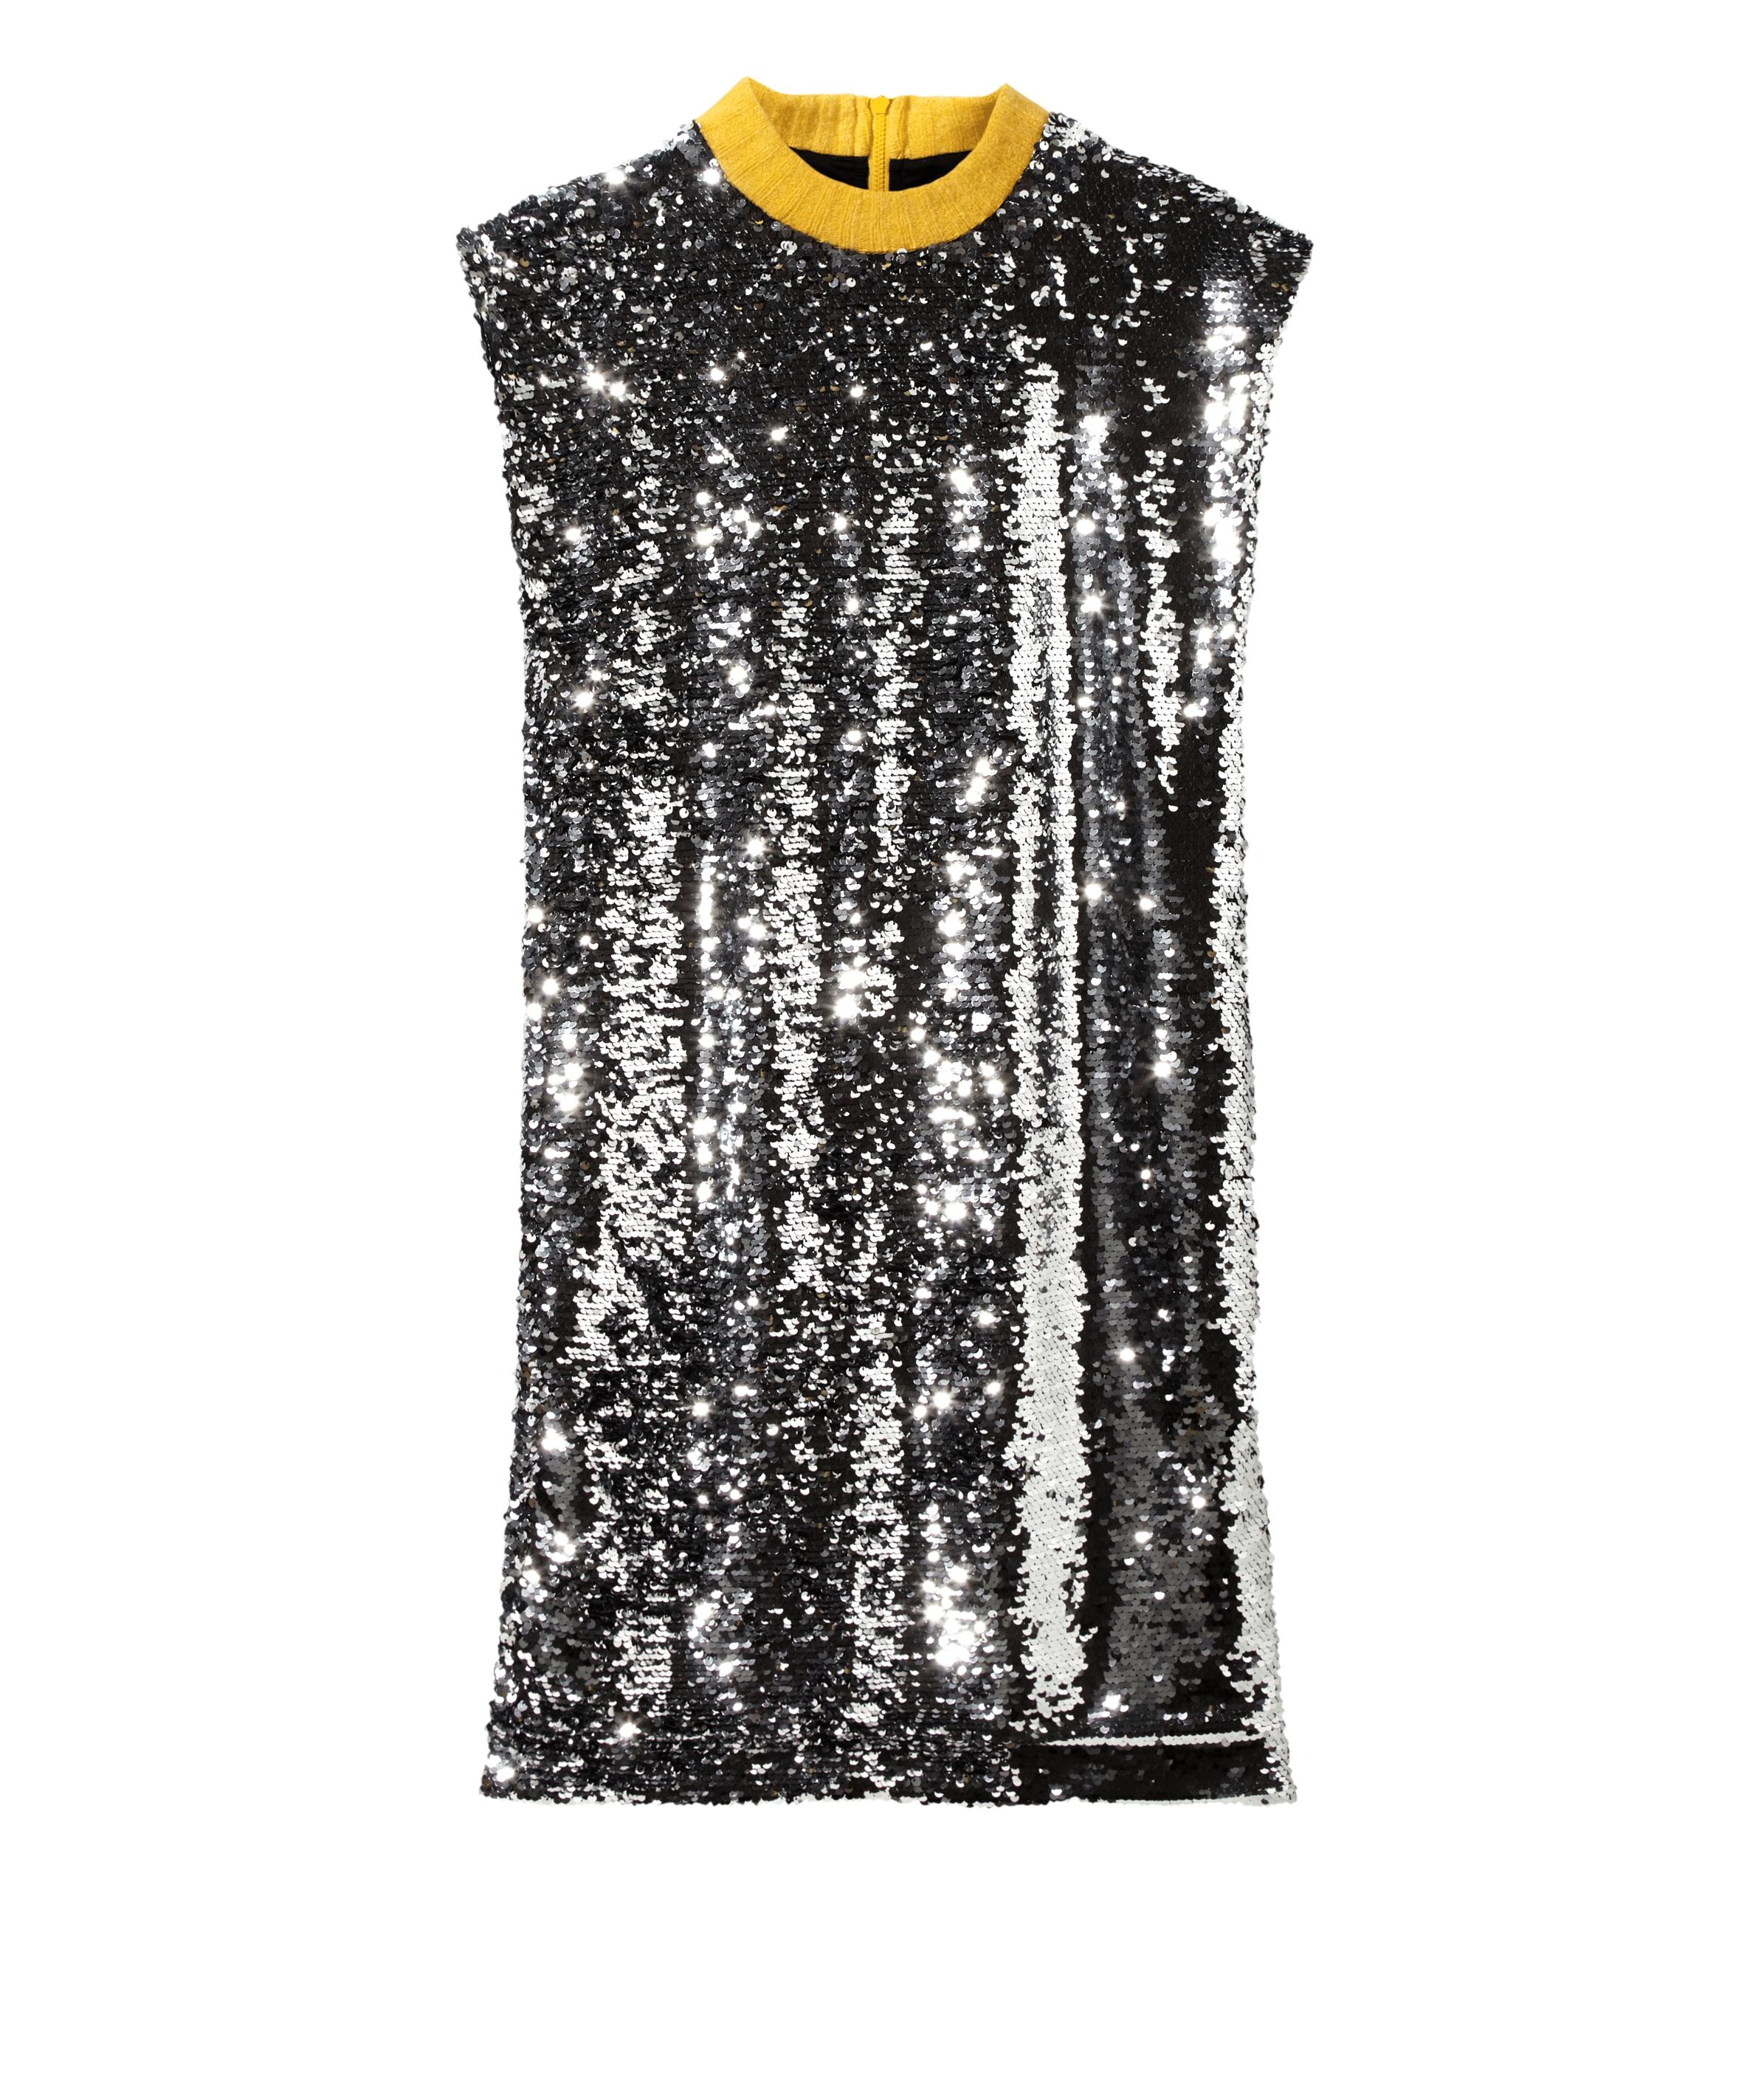 liebeskind berlin - Kleid mit Paillettenbesatz, Grau/Schwarz, Größe 34